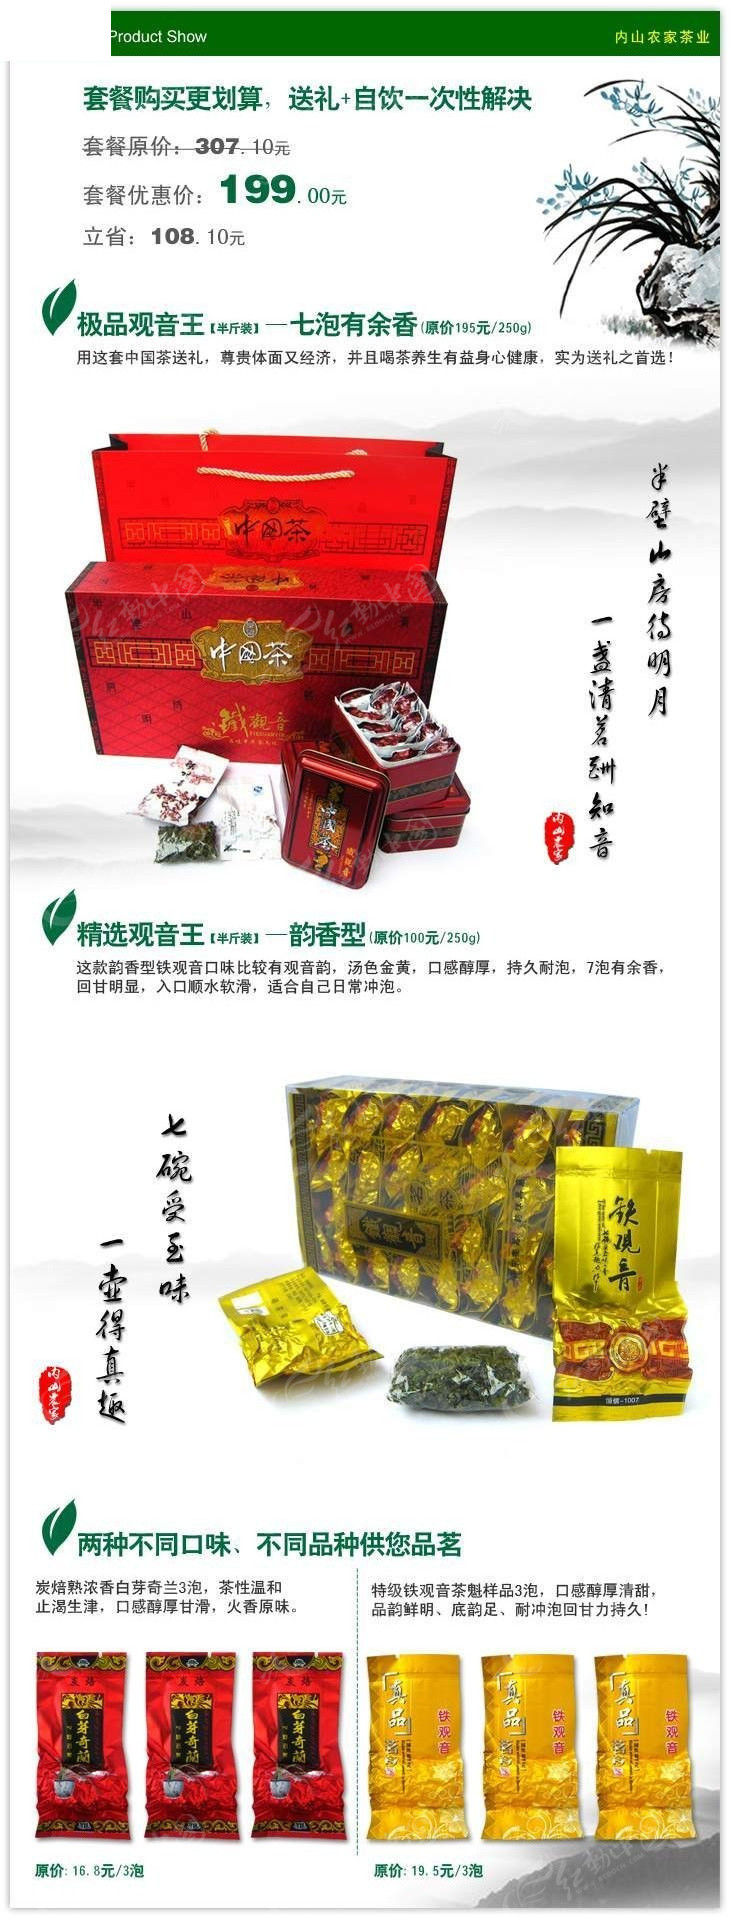 铁观音茶叶套餐图片展示图片